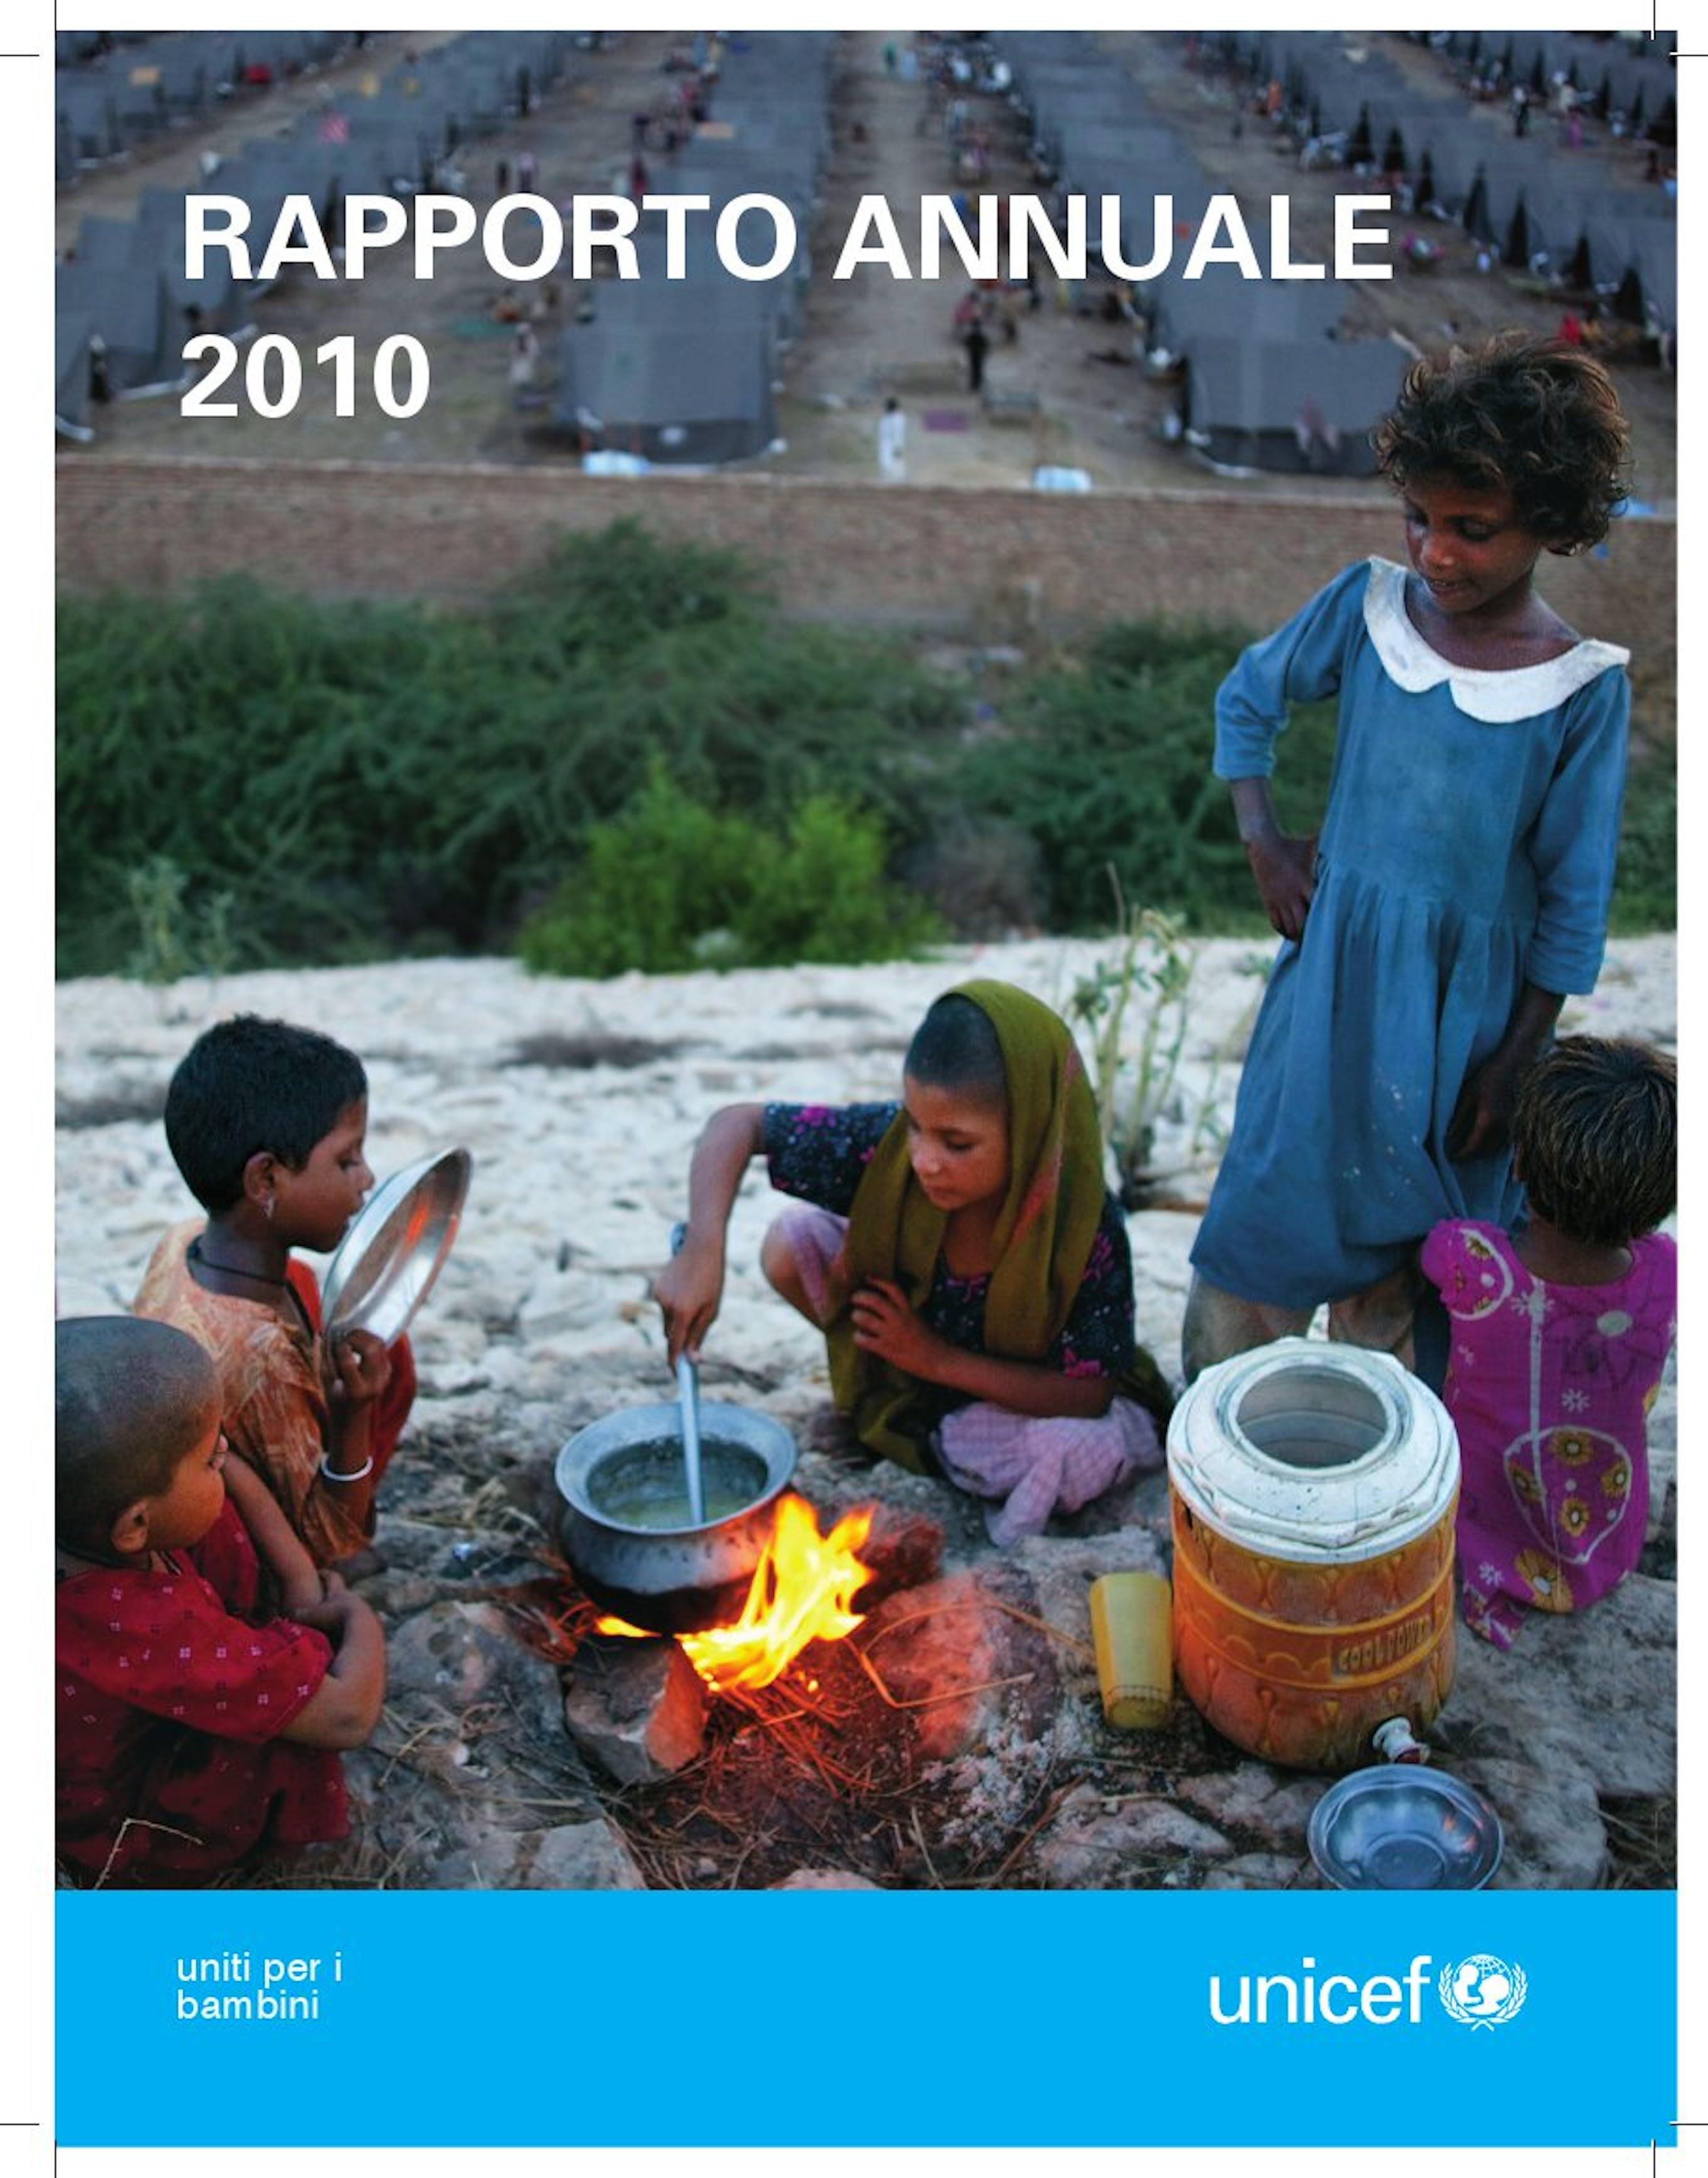 Rapporto Annuale 2010